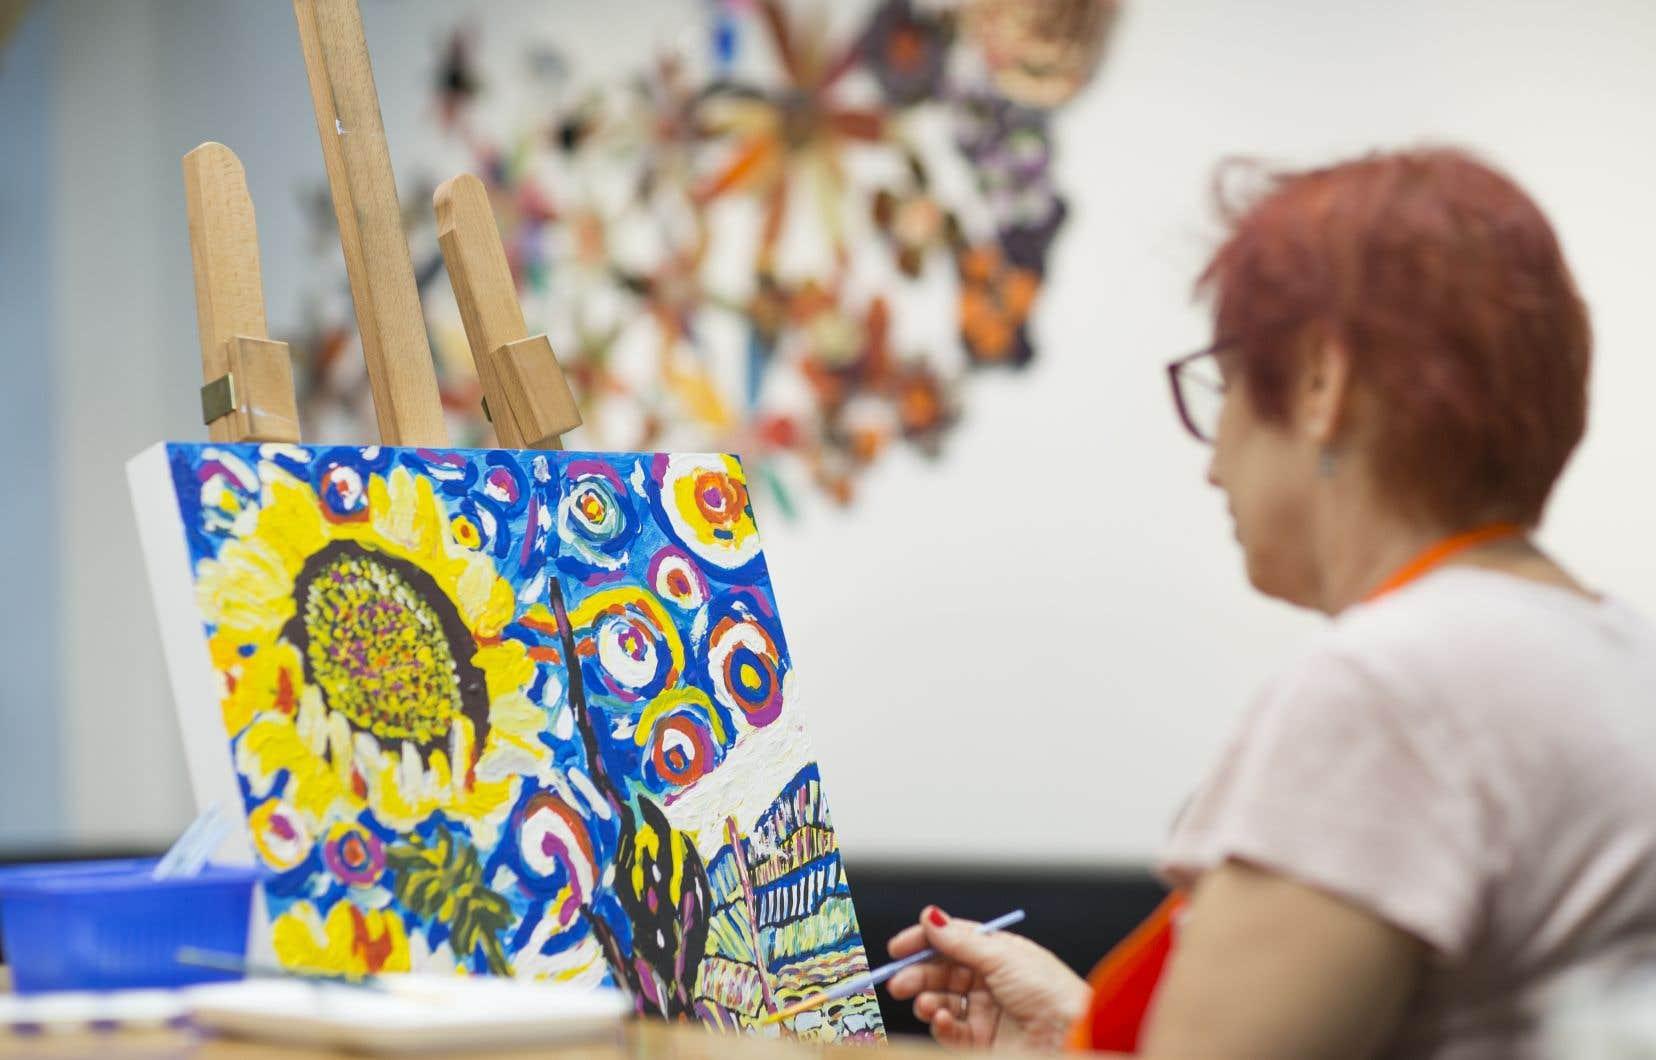 Un essai clinique a permis de démontrer que les ateliers de peinture réalisés avec des patients âgés présentant une déficience cognitive diminuent la mortalité à l'hôpital ainsi que le nombre de médicaments prescrits lors de la sortie de l'hôpital.